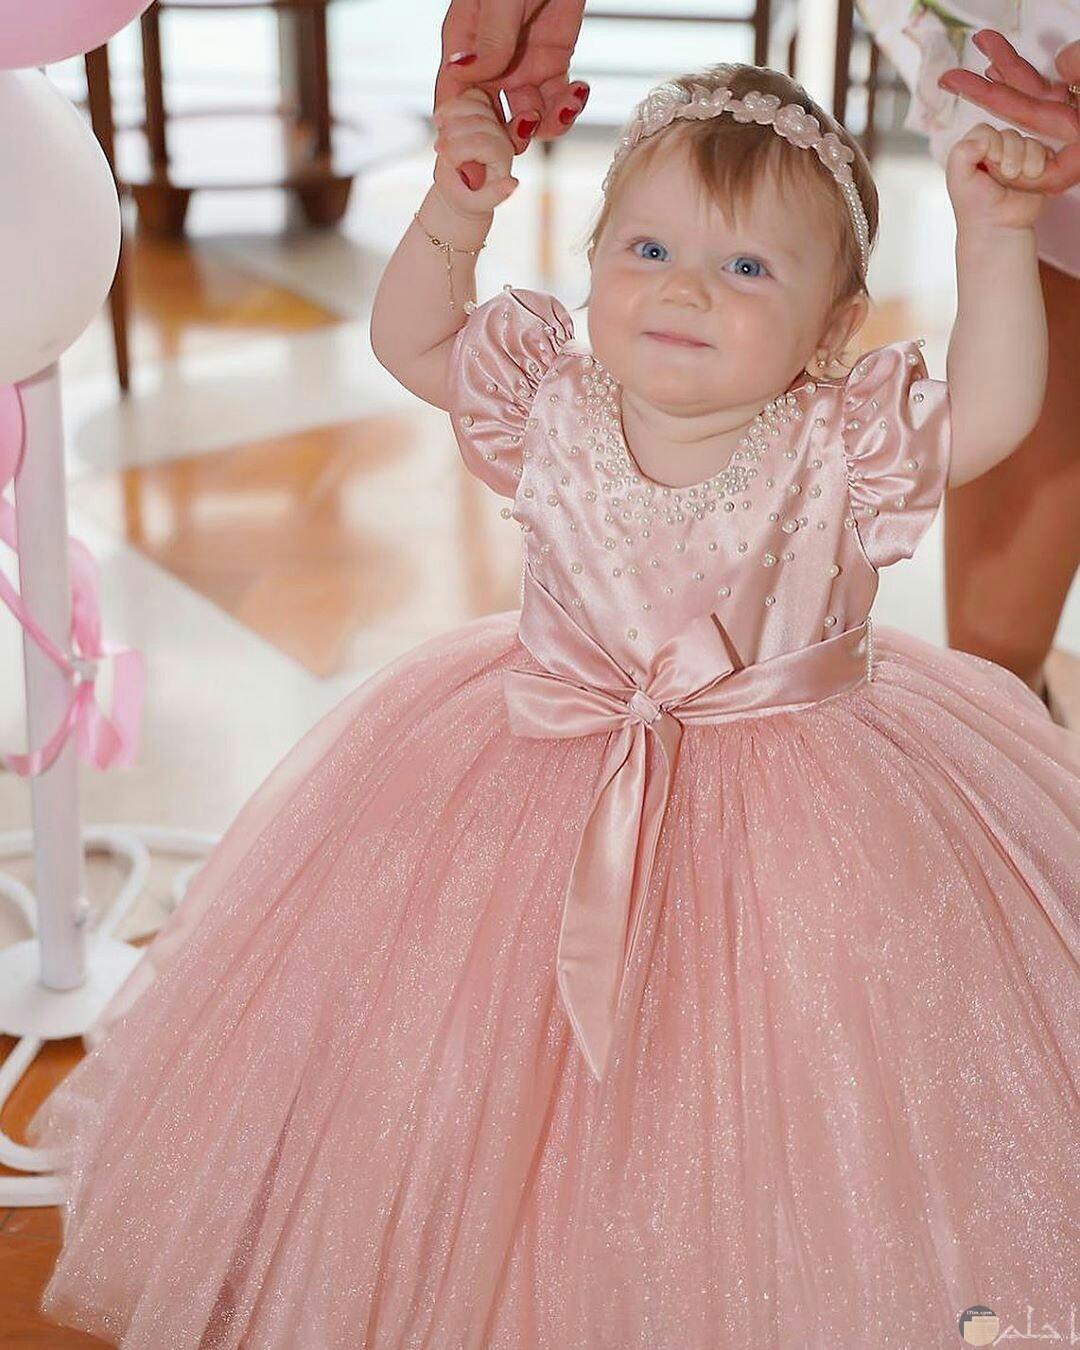 من اروع الفساتين للاطفال